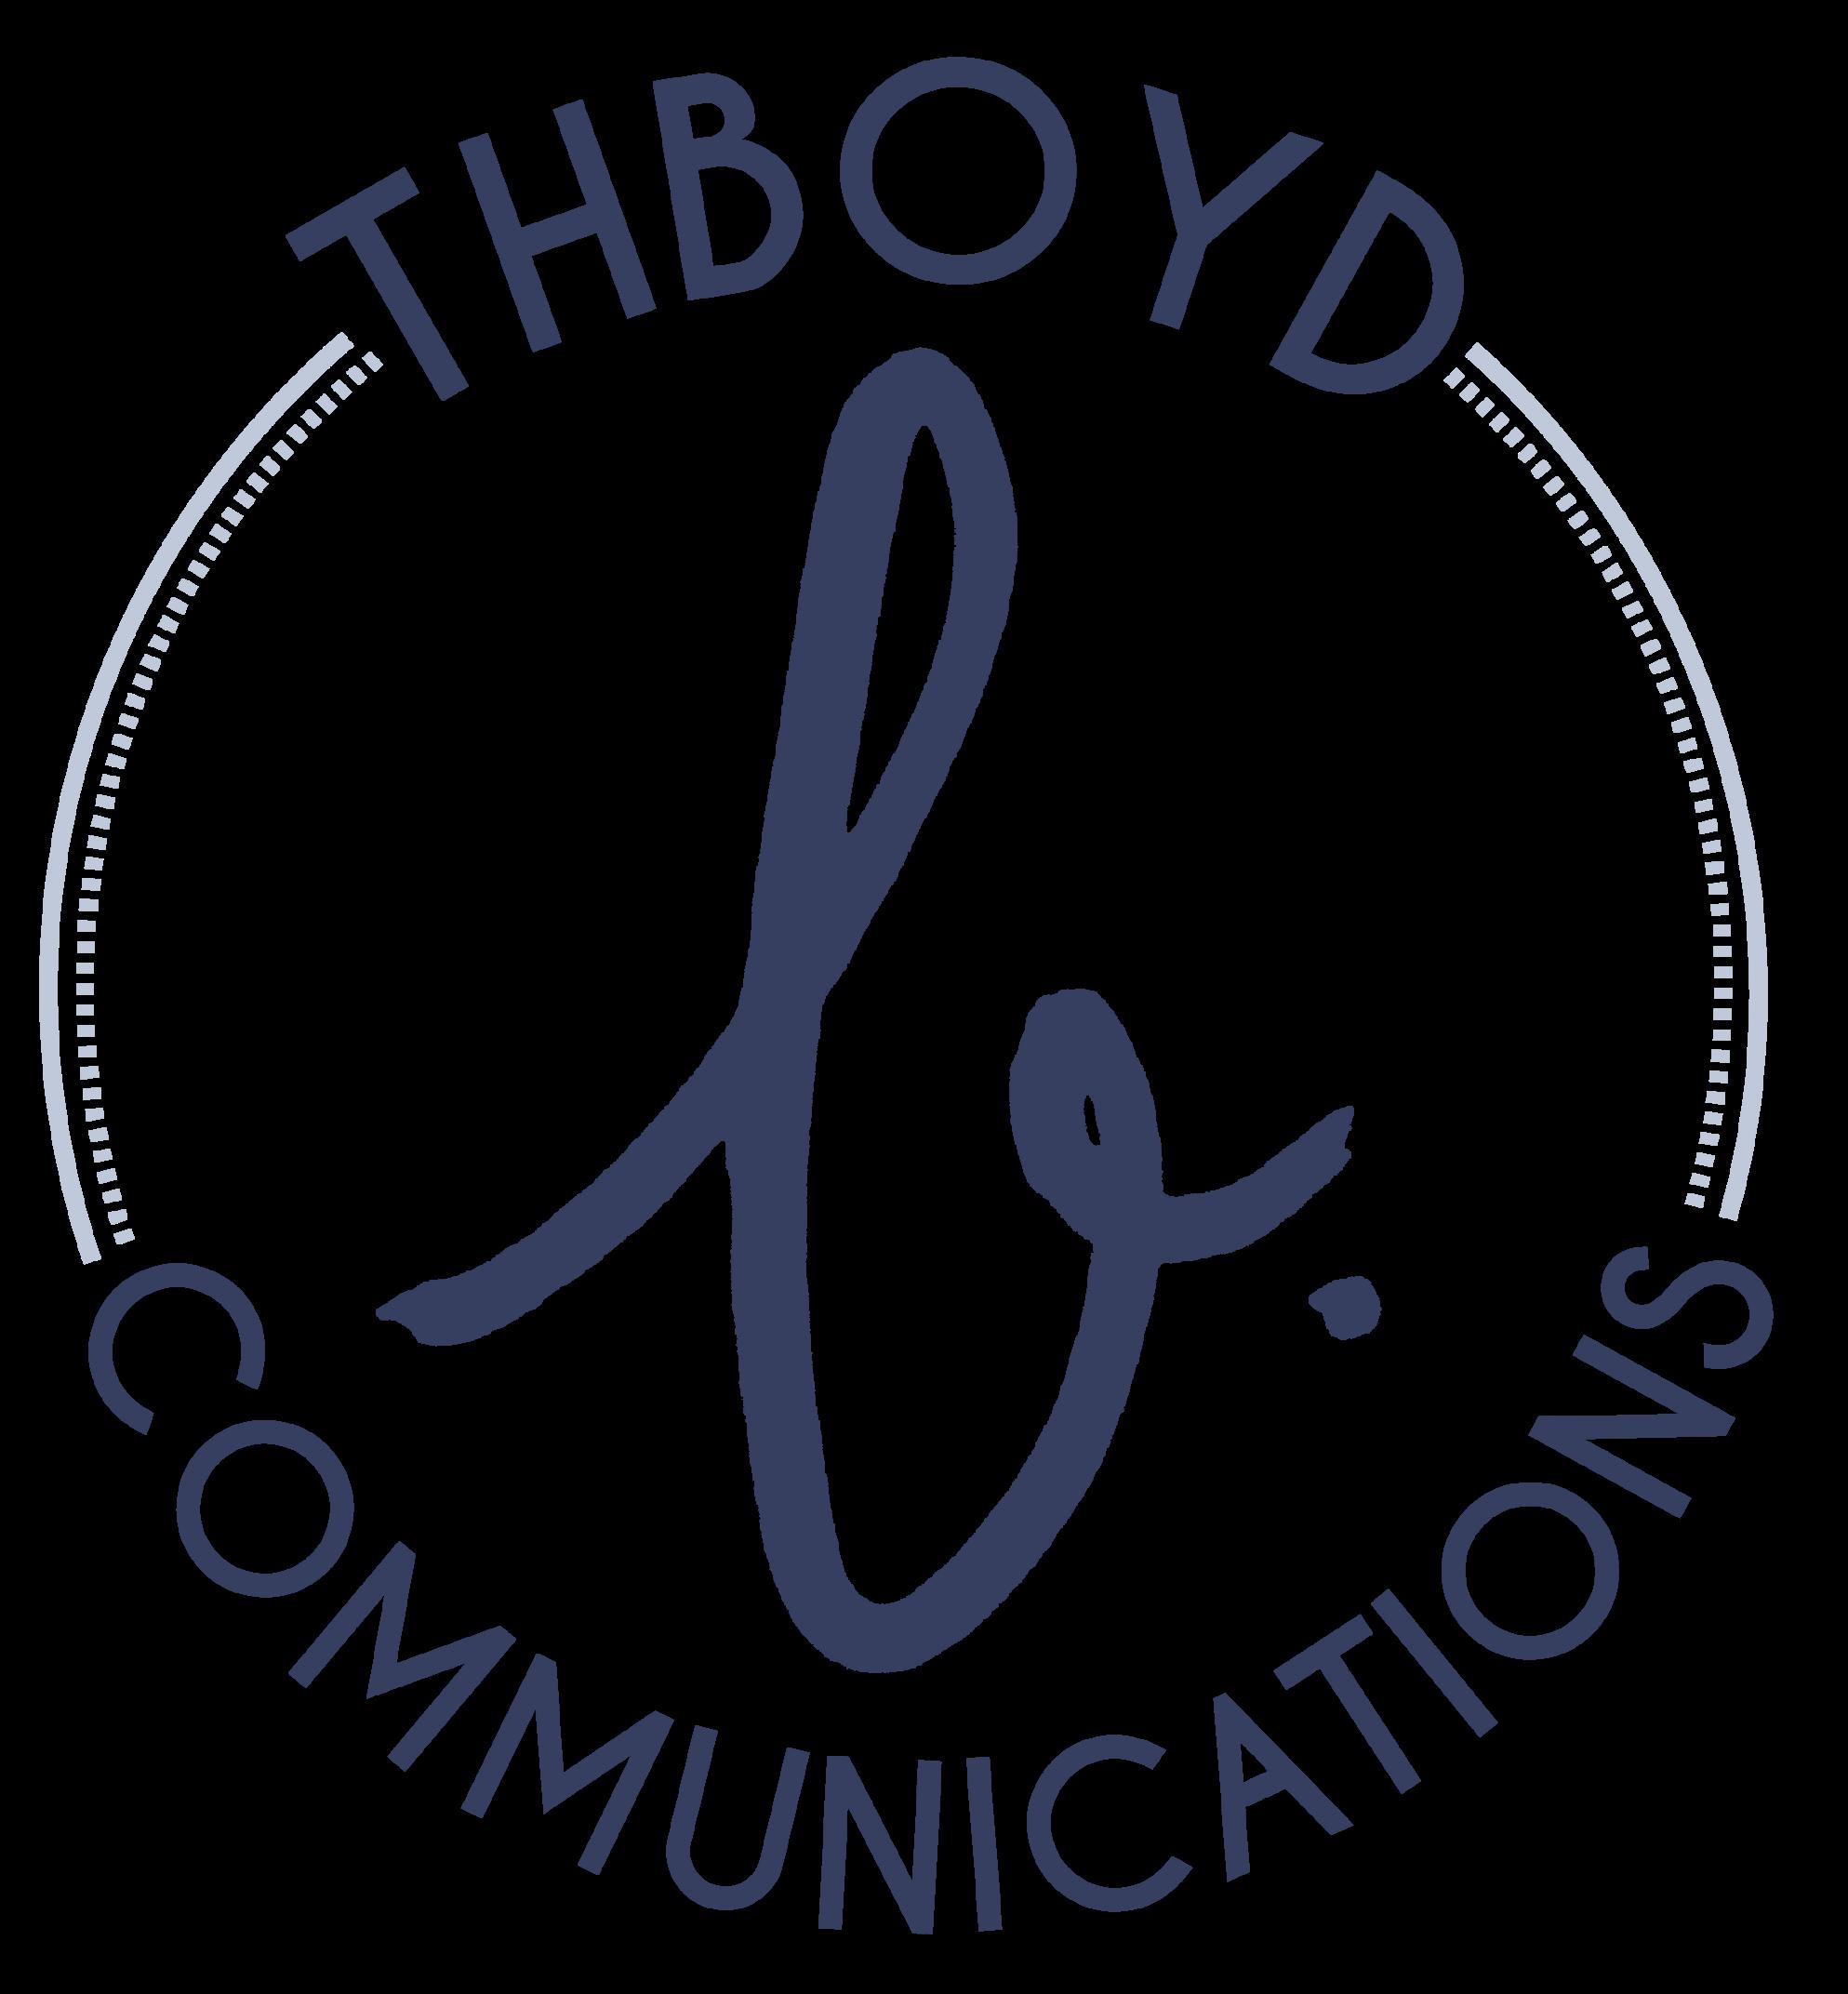 thboyd_logo_circle.png